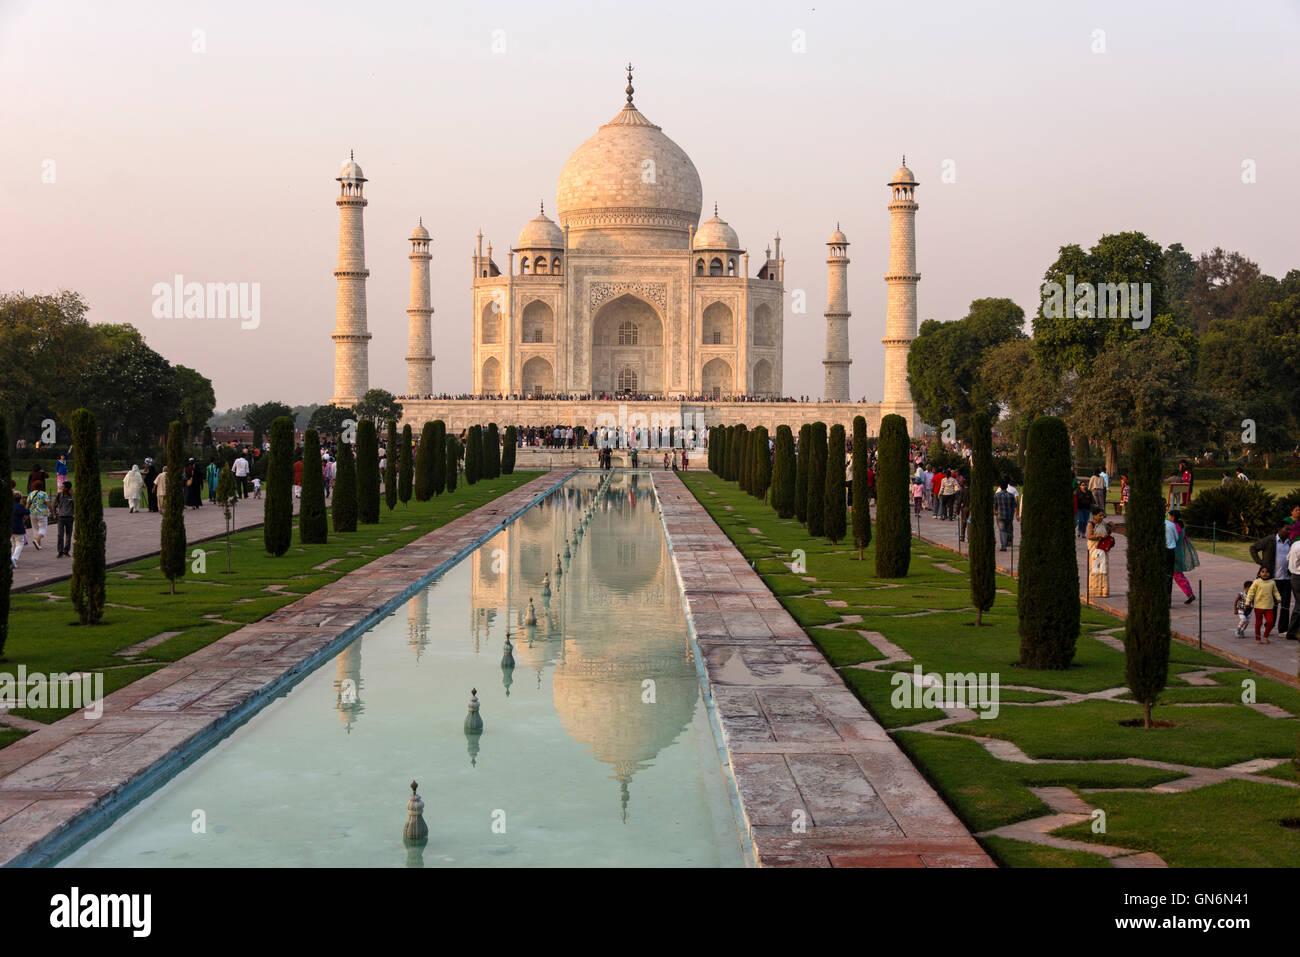 Sun impostazione t oltre il Taj Mahal e vasca ornamentale in Agra, Uttar Pradesh, India Immagini Stock